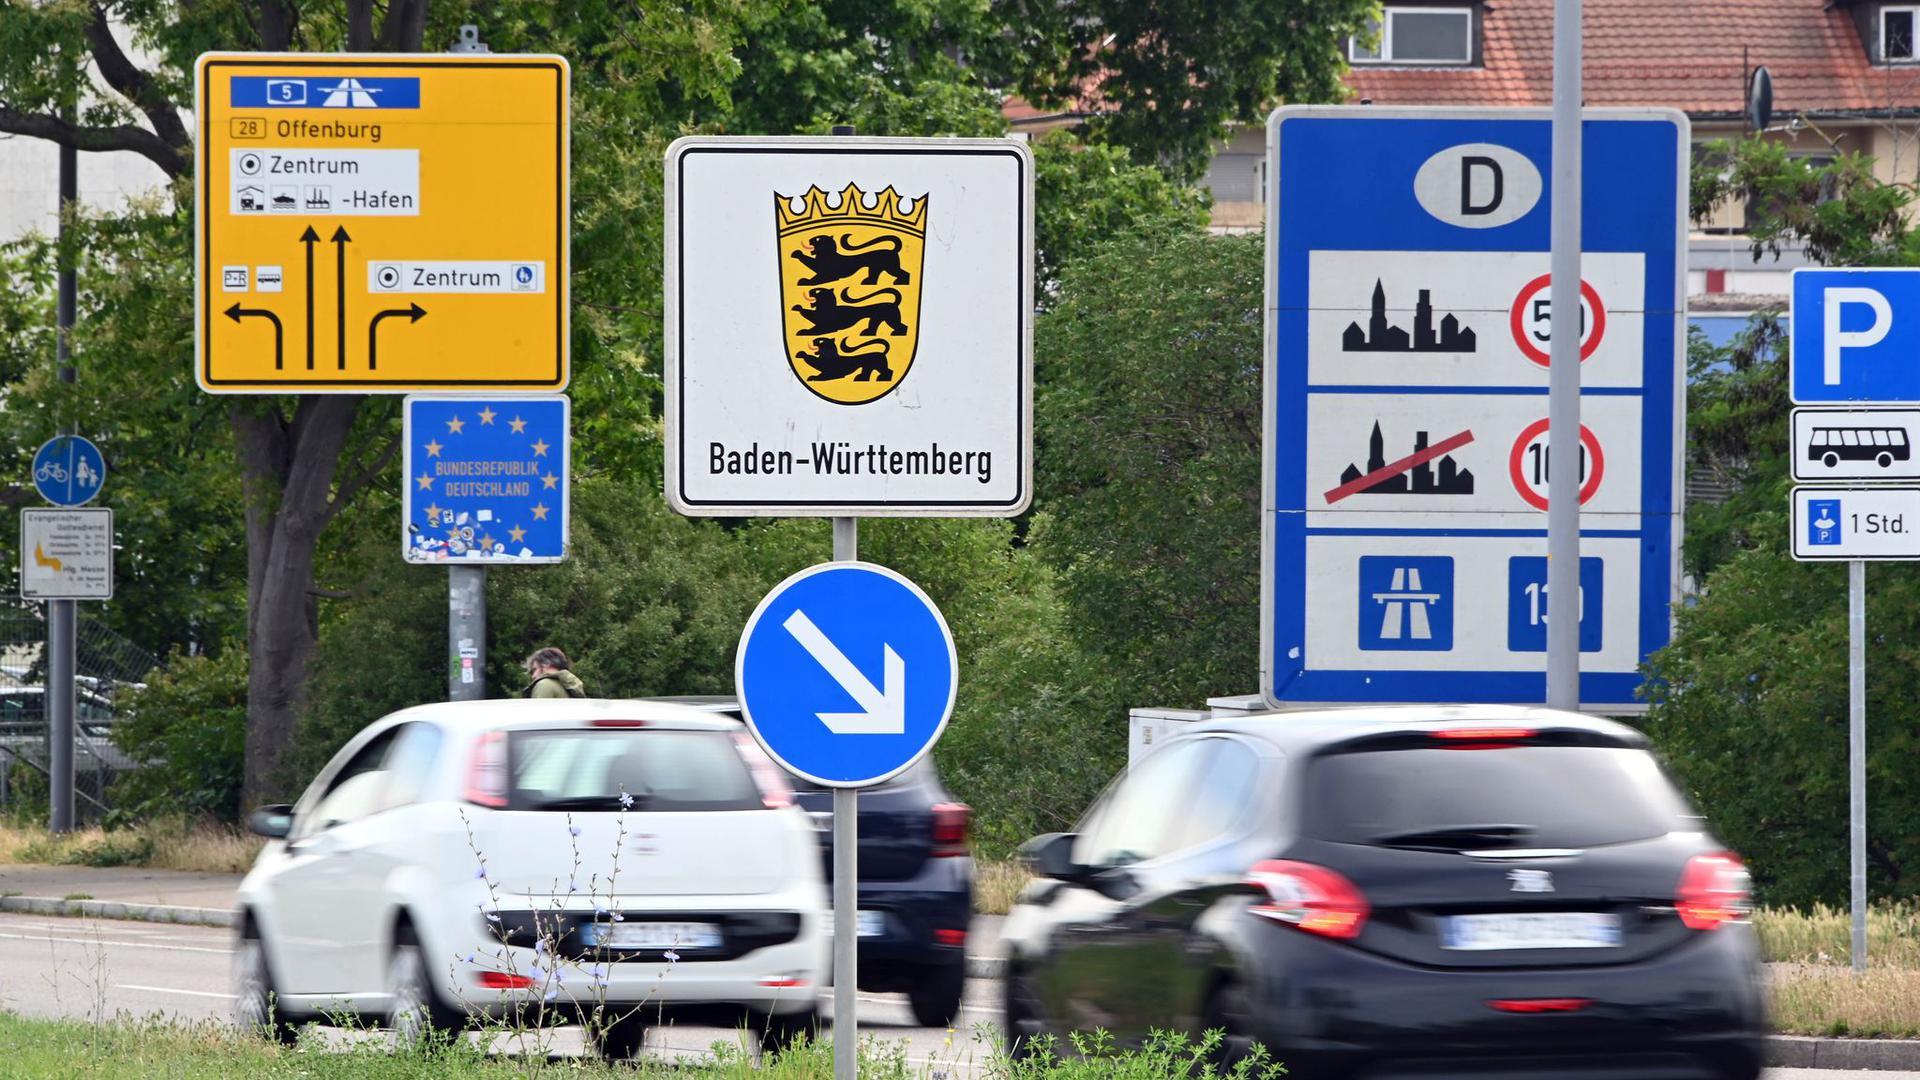 Am deutsch-französischen Grenzübergang Kehl fahren Autos nach Deutschland.